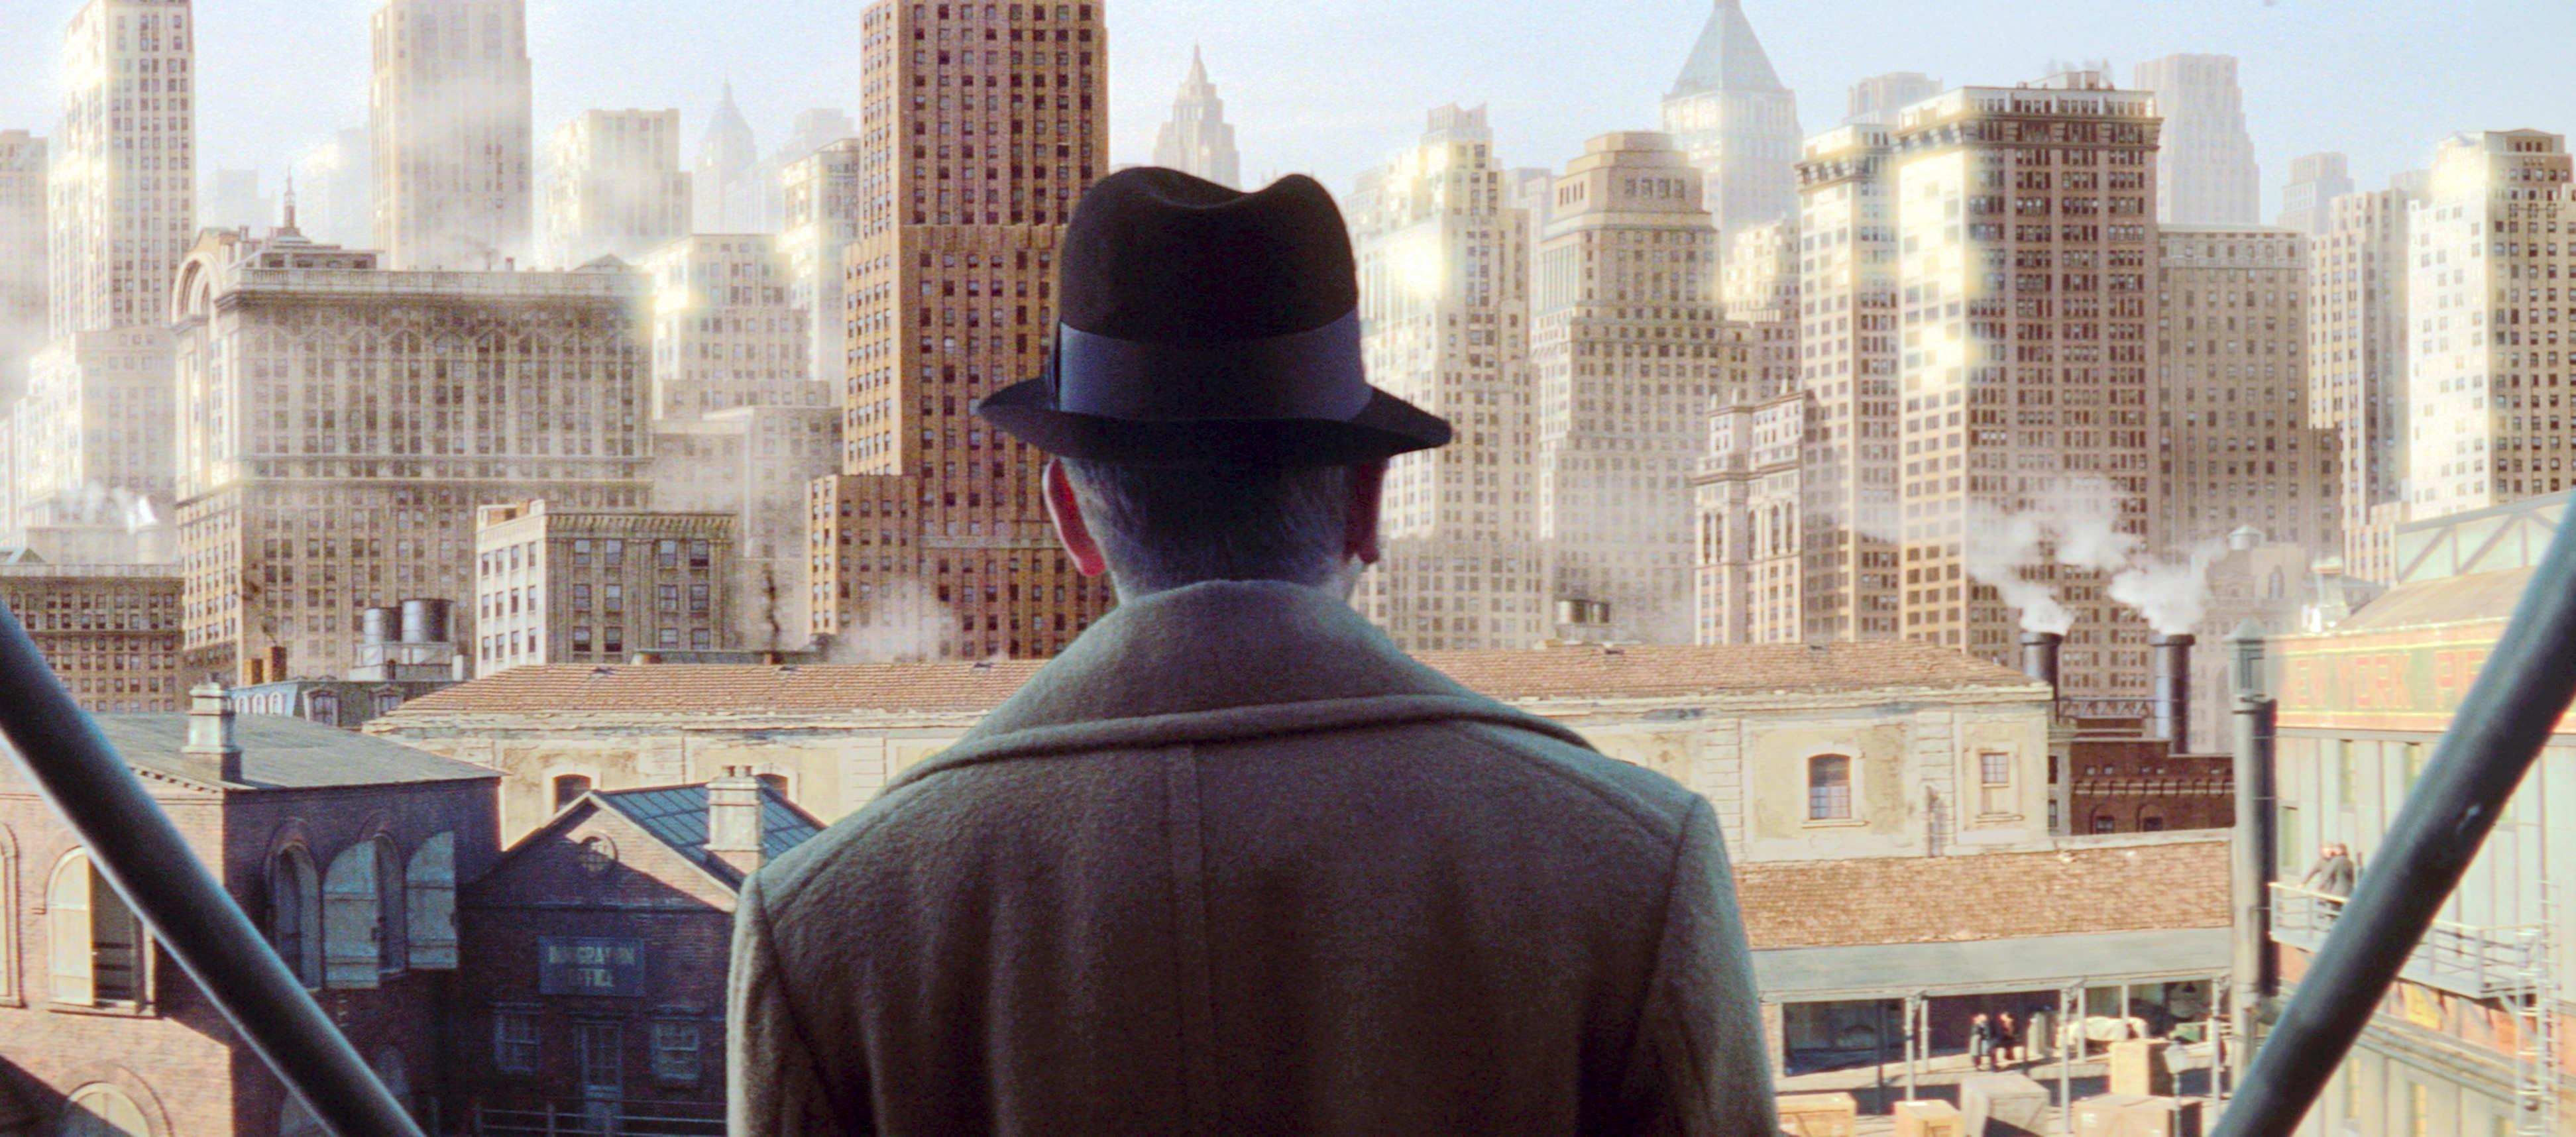 《海上鋼琴師》,描述「1900」以海為家,一生都不曾踏上陸地。他為琴師女兒潘朵安興起上岸念頭;卻在目睹一望無際的城市高樓陷入躊躇…